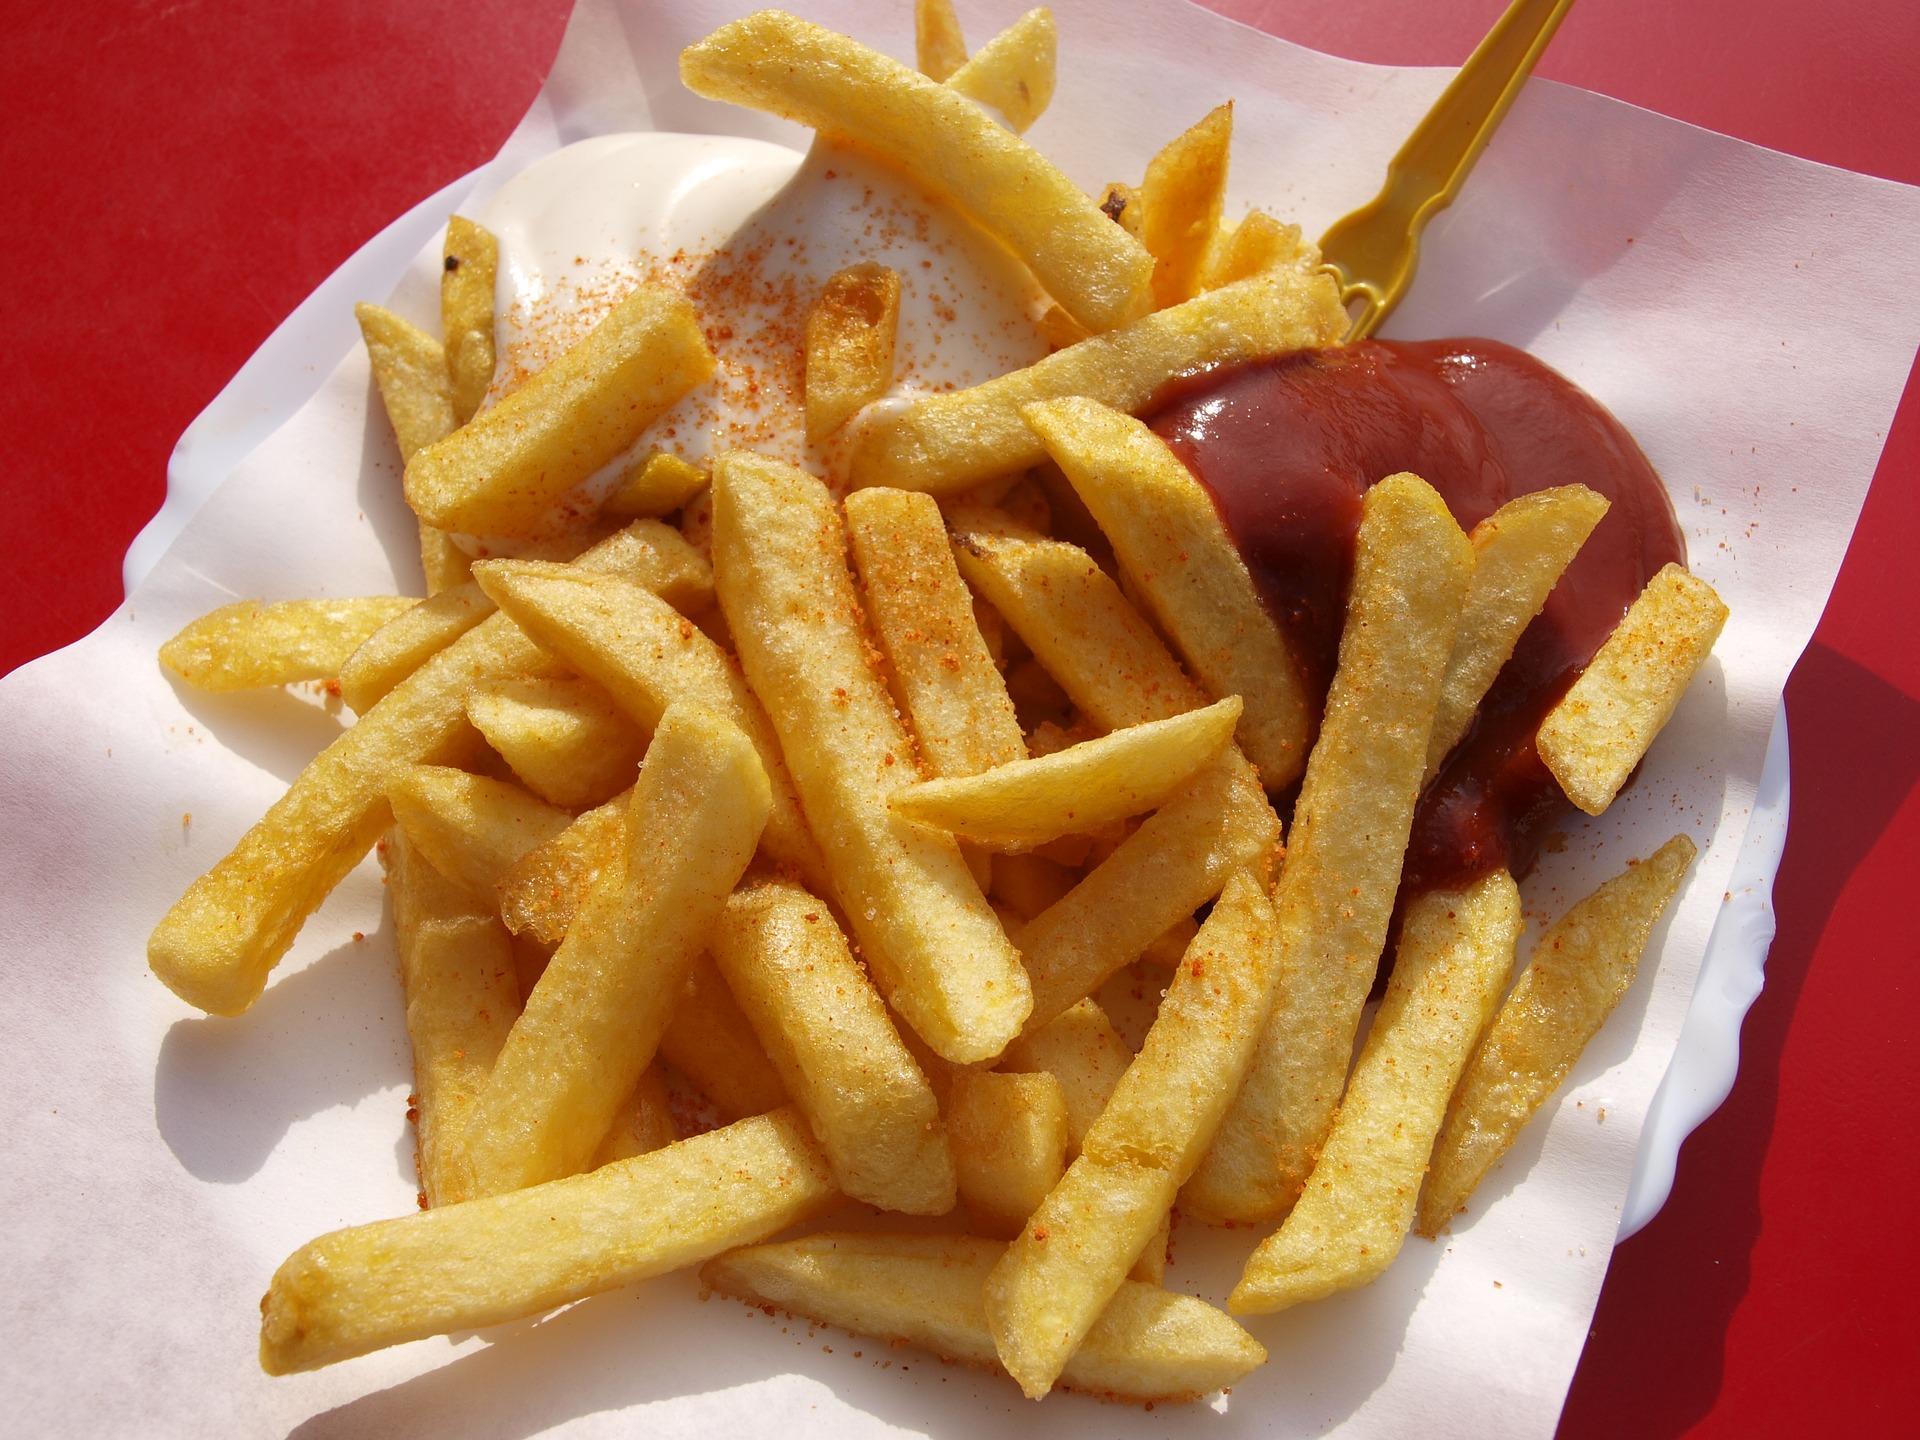 Бельгия призывает граждан употреблять больше картошки фри вовремя коронавируса